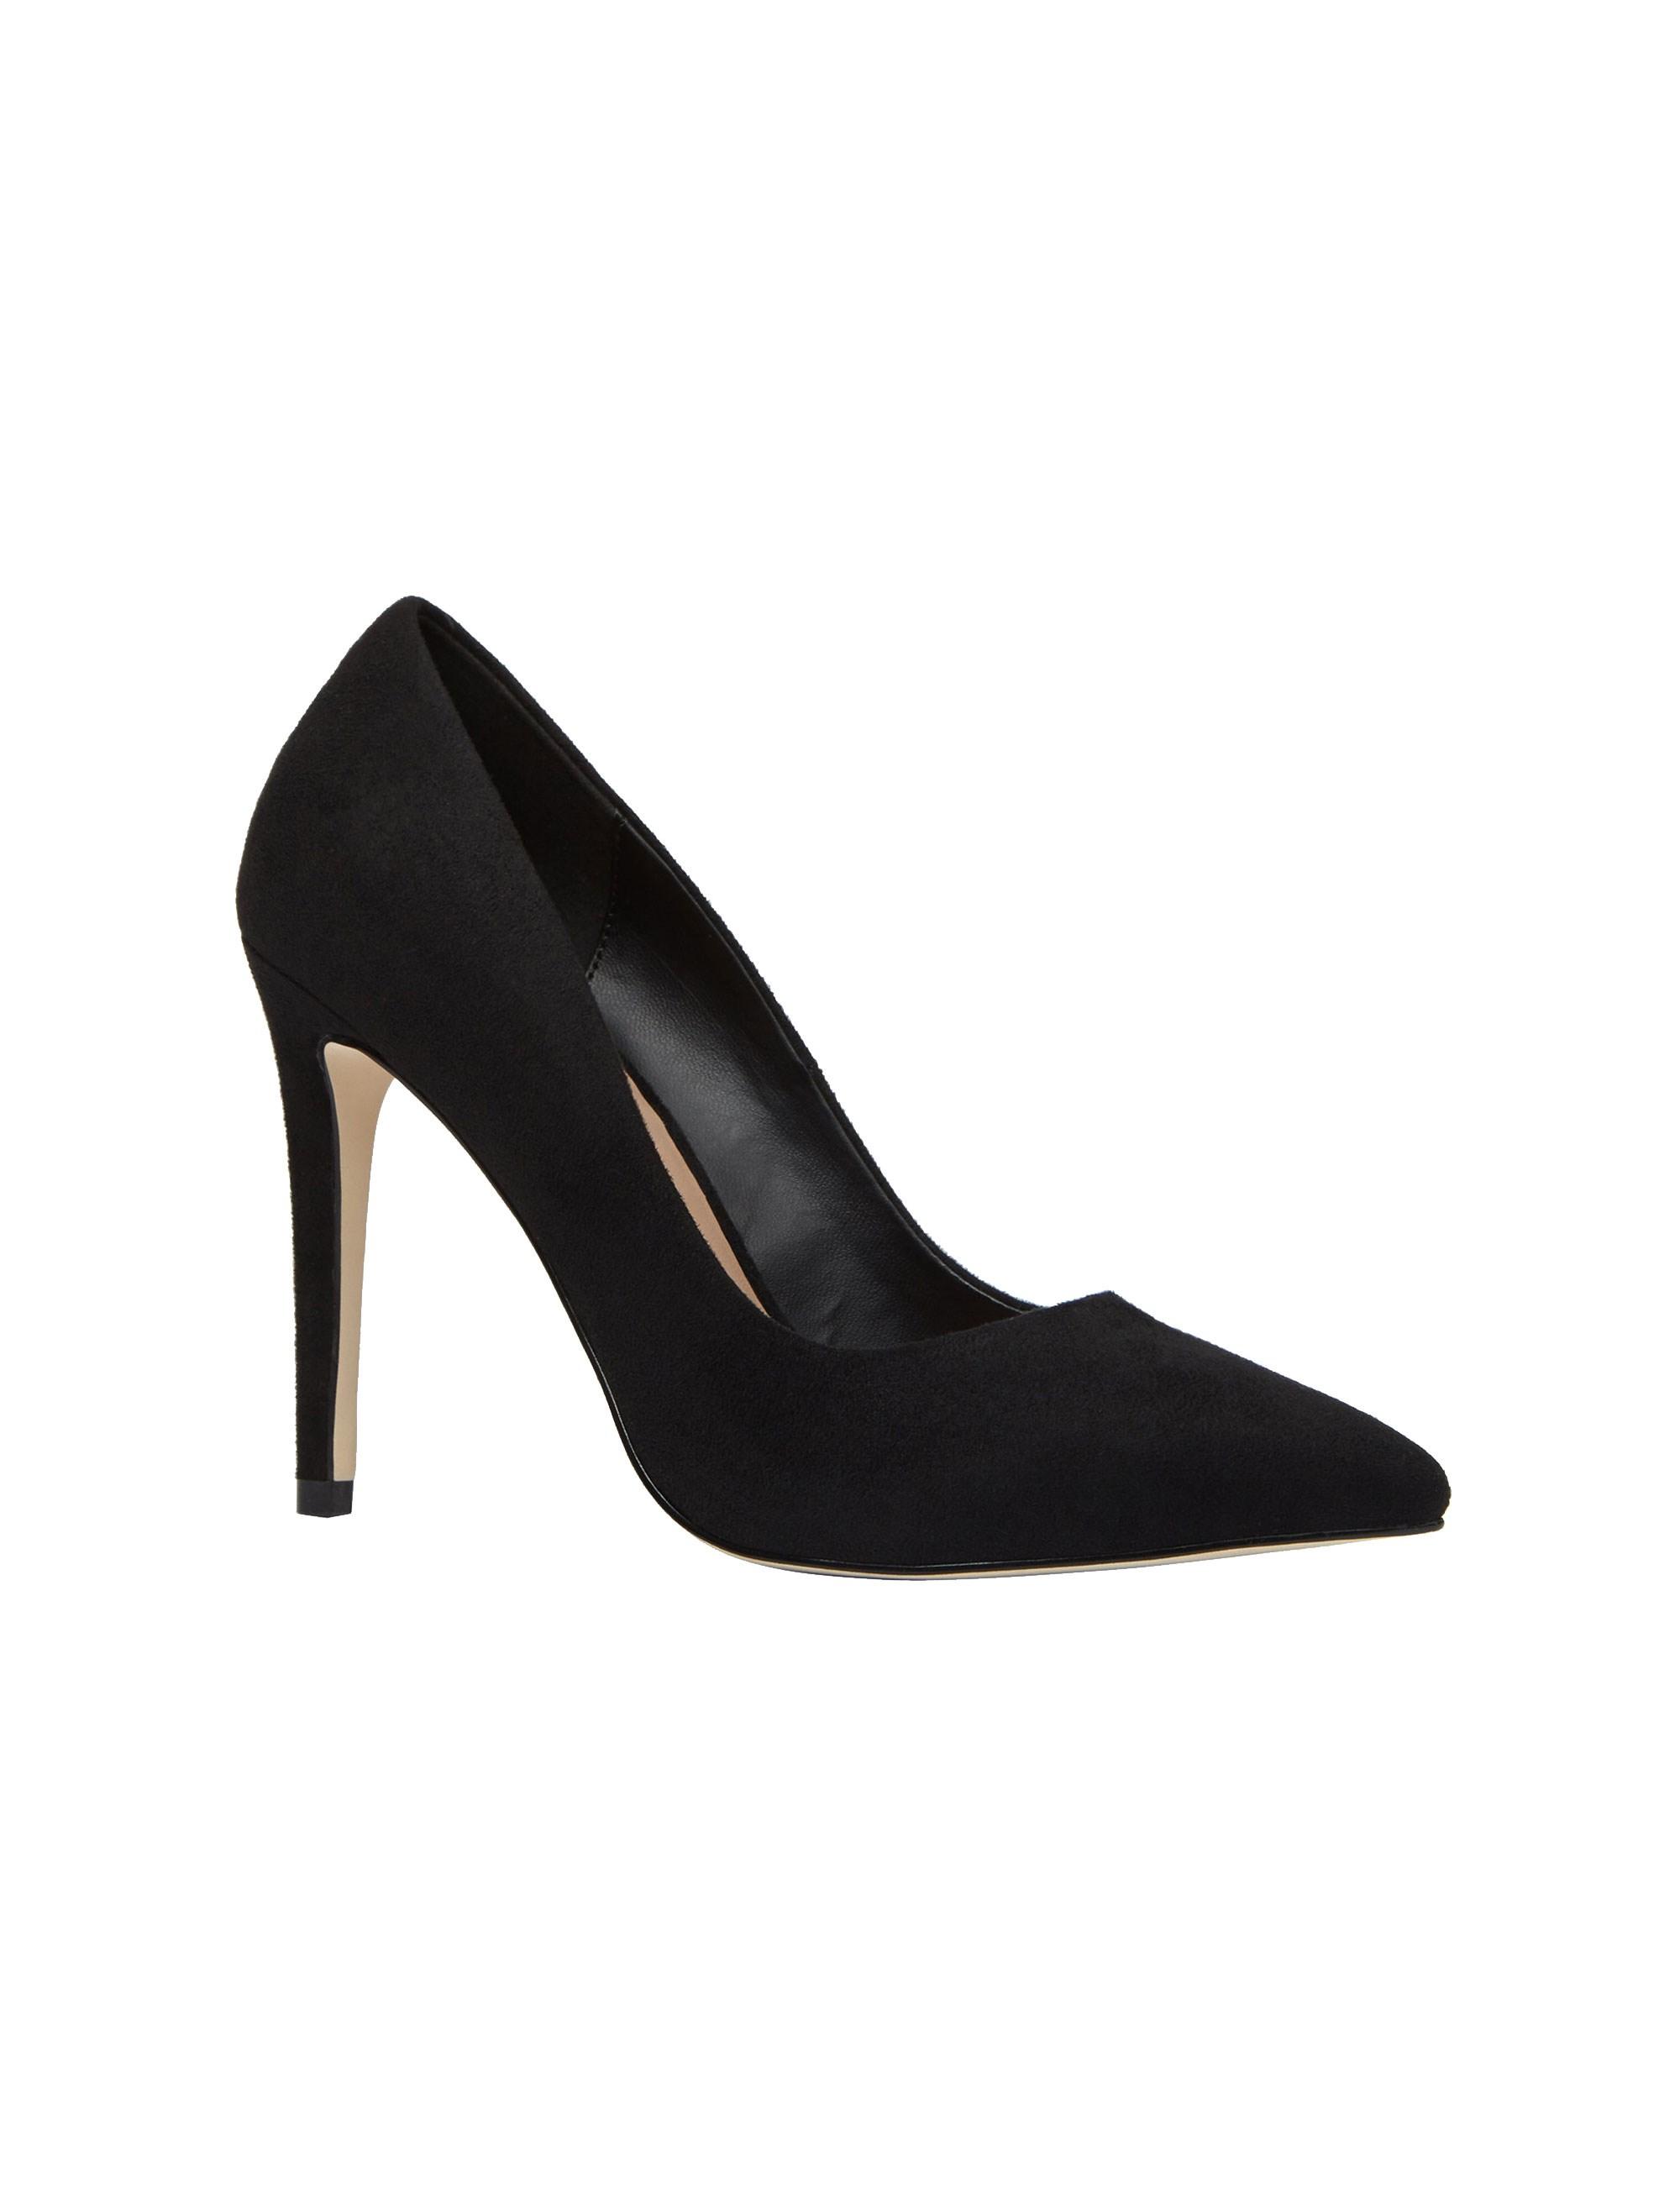 کفش پاشنه بلند زنانه -  - 1